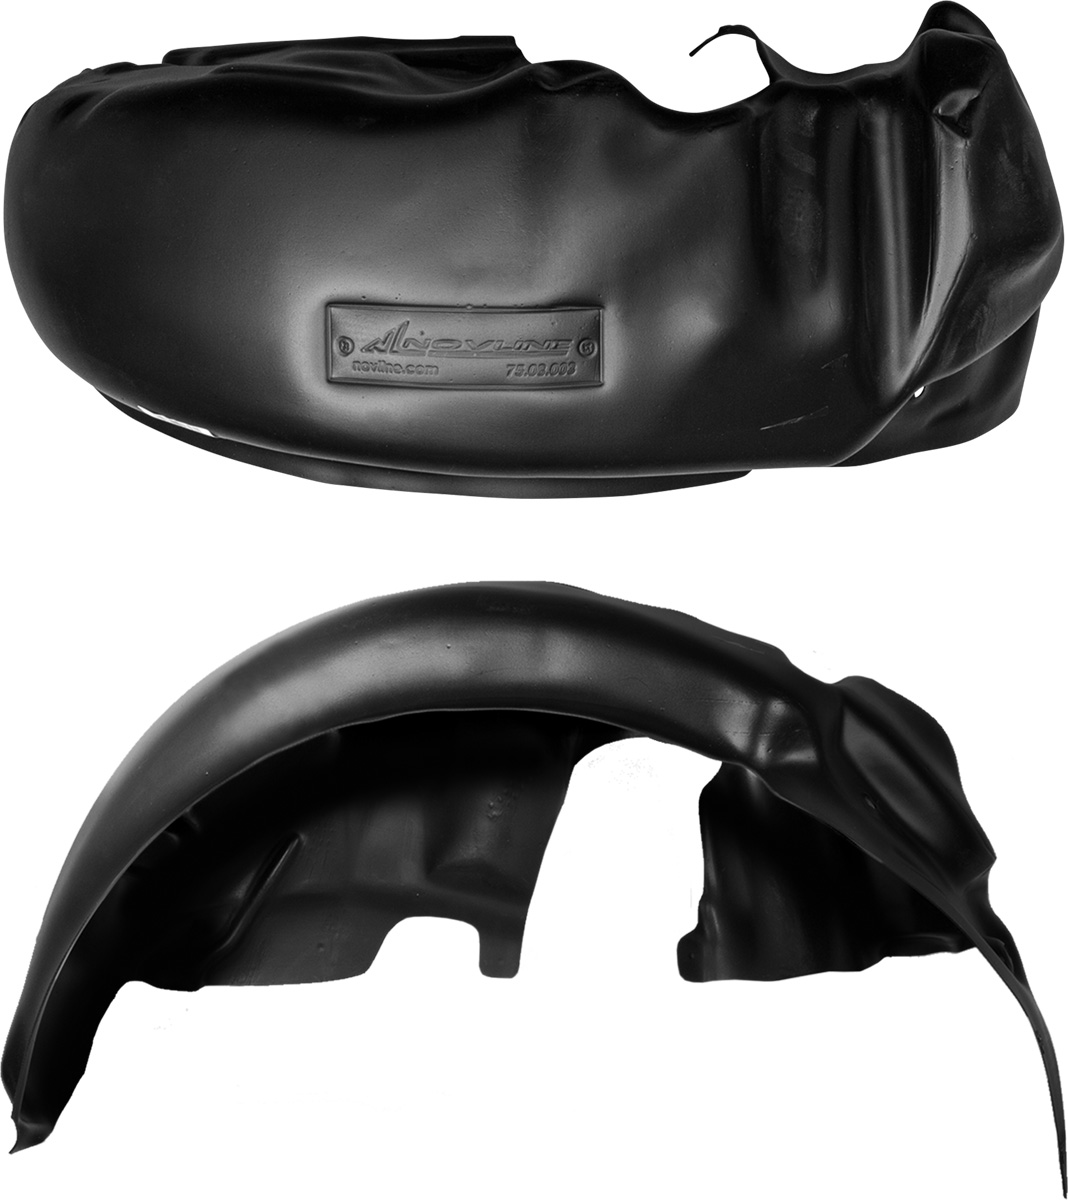 Подкрылок Novline-Autofamily, для Mitsubishi ASX 2010-2013, 2013->, задний левыйNLL.35.27.003Колесные ниши - одни из самых уязвимых зон днища вашего автомобиля. Они постоянно подвергаются воздействию со стороны дороги. Лучшая, почти абсолютная защита для них - специально отформованные пластиковые кожухи, которые называются подкрылками. Производятся они как для отечественных моделей автомобилей, так и для иномарок. Подкрылки Novline-Autofamily выполнены из высококачественного, экологически чистого пластика. Обеспечивают надежную защиту кузова автомобиля от пескоструйного эффекта и негативного влияния, агрессивных антигололедных реагентов. Пластик обладает более низкой теплопроводностью, чем металл, поэтому в зимний период эксплуатации использование пластиковых подкрылков позволяет лучше защитить колесные ниши от налипания снега и образования наледи. Оригинальность конструкции подчеркивает элегантность автомобиля, бережно защищает нанесенное на днище кузова антикоррозийное покрытие и позволяет осуществить крепление подкрылков внутри колесной арки практически без дополнительного крепежа и сверления, не нарушая при этом лакокрасочного покрытия, что предотвращает возникновение новых очагов коррозии. Подкрылки долговечны, обладают высокой прочностью и сохраняют заданную форму, а также все свои физико-механические характеристики в самых тяжелых климатических условиях (от -50°С до +50°С).Уважаемые клиенты!Обращаем ваше внимание, на тот факт, что подкрылок имеет форму, соответствующую модели данного автомобиля. Фото служит для визуального восприятия товара.